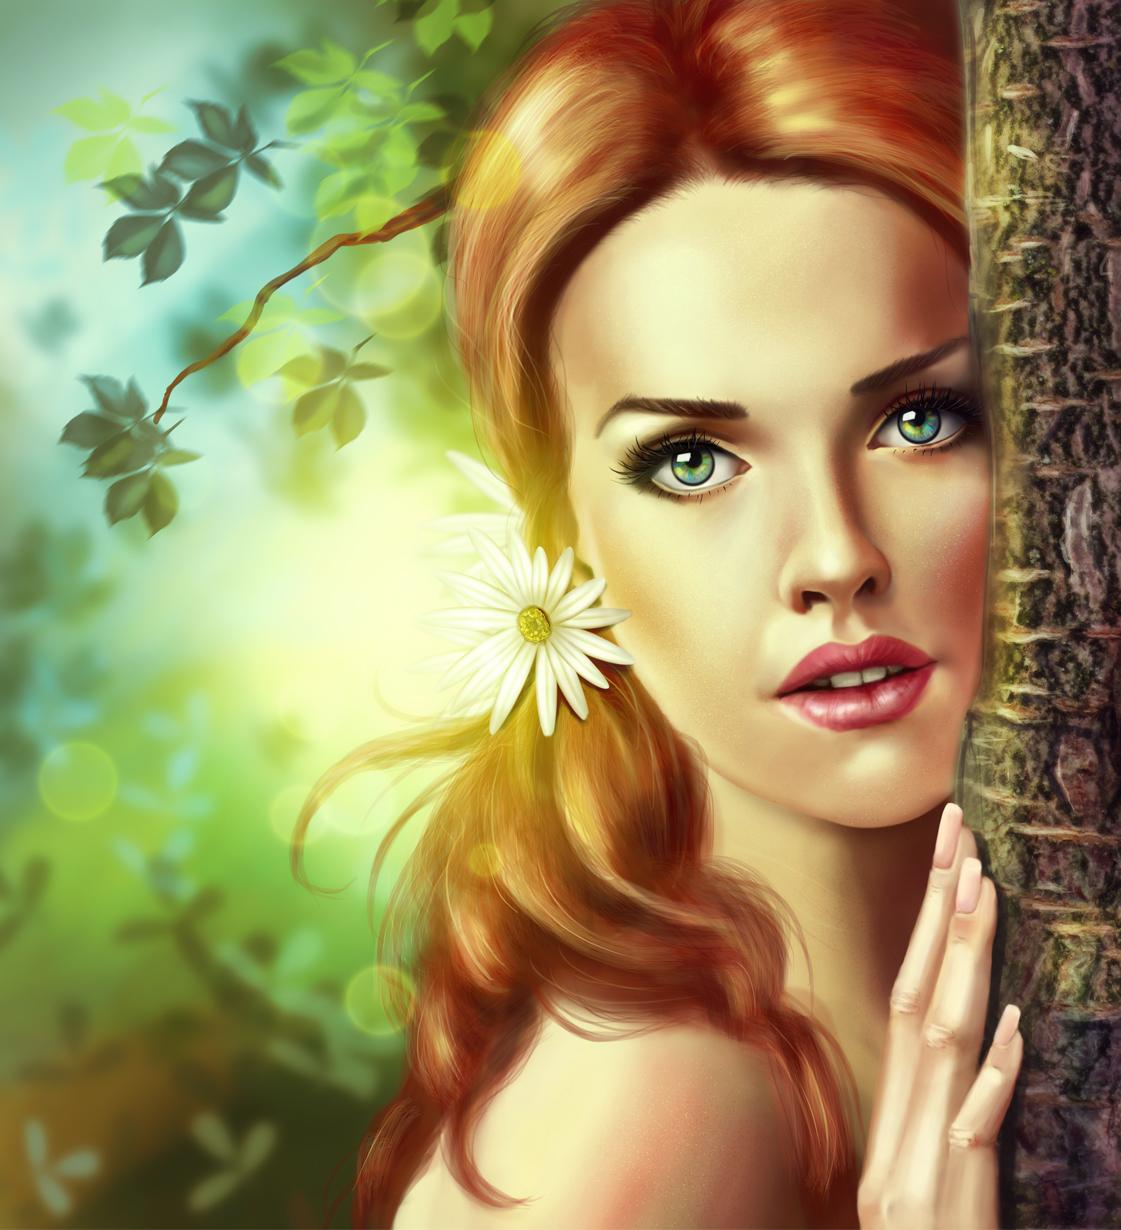 Очаровательная девушка по имени - Весна!, автор IgnisFatuusII